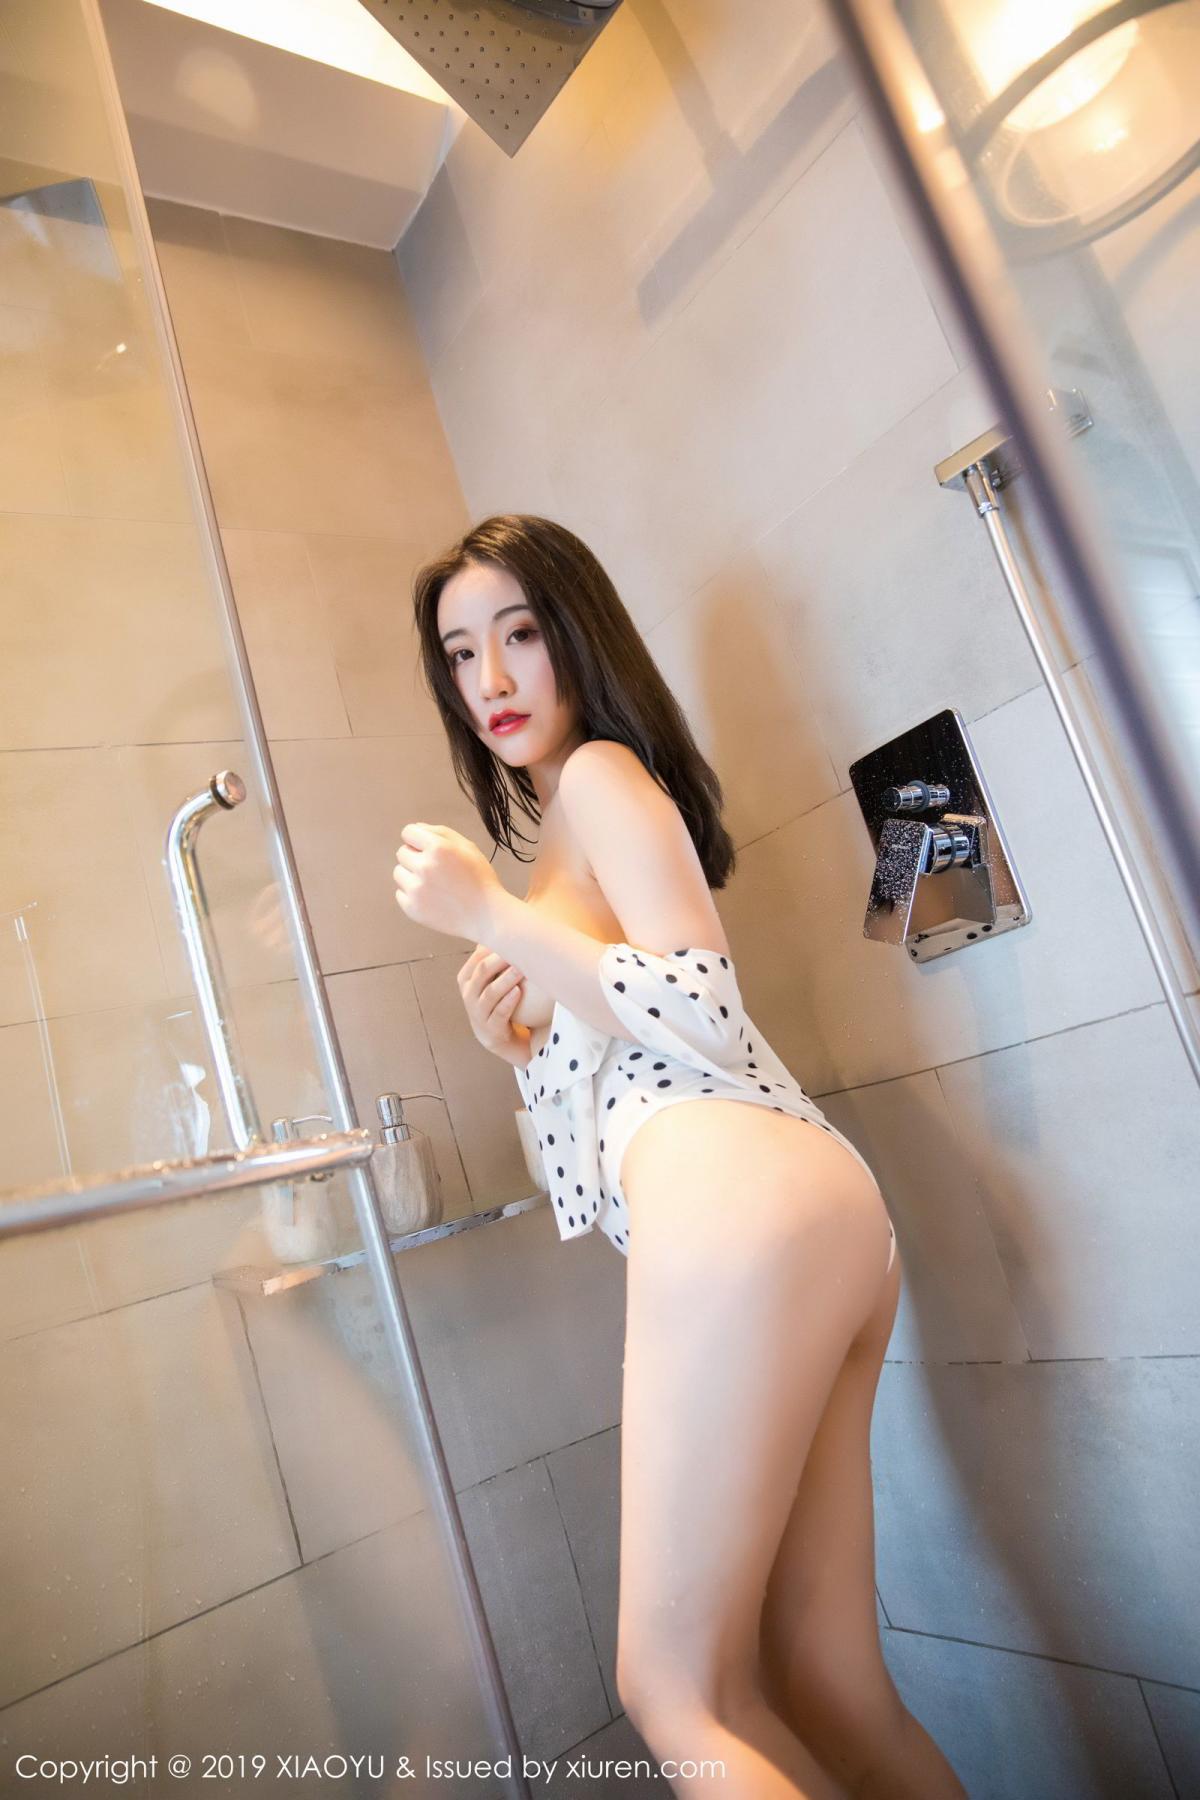 [XiaoYu] Vol.118 Xie Zhi Xin 28P, Bathroom, Wet, XiaoYu, Xie Zhi Xin